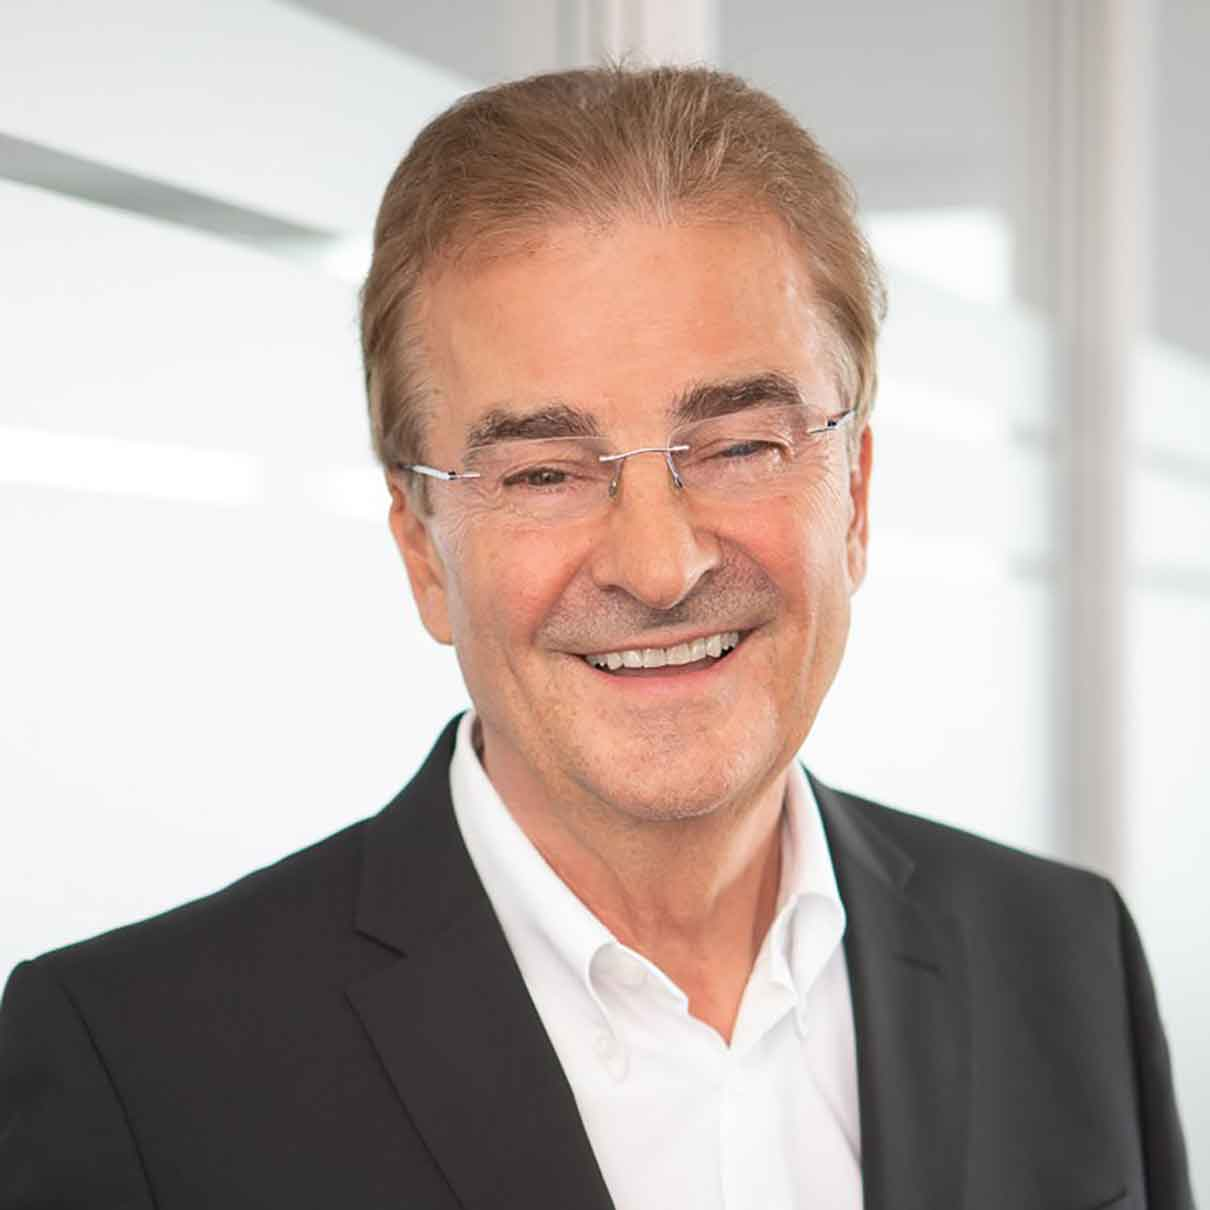 Siegfried Fitzel